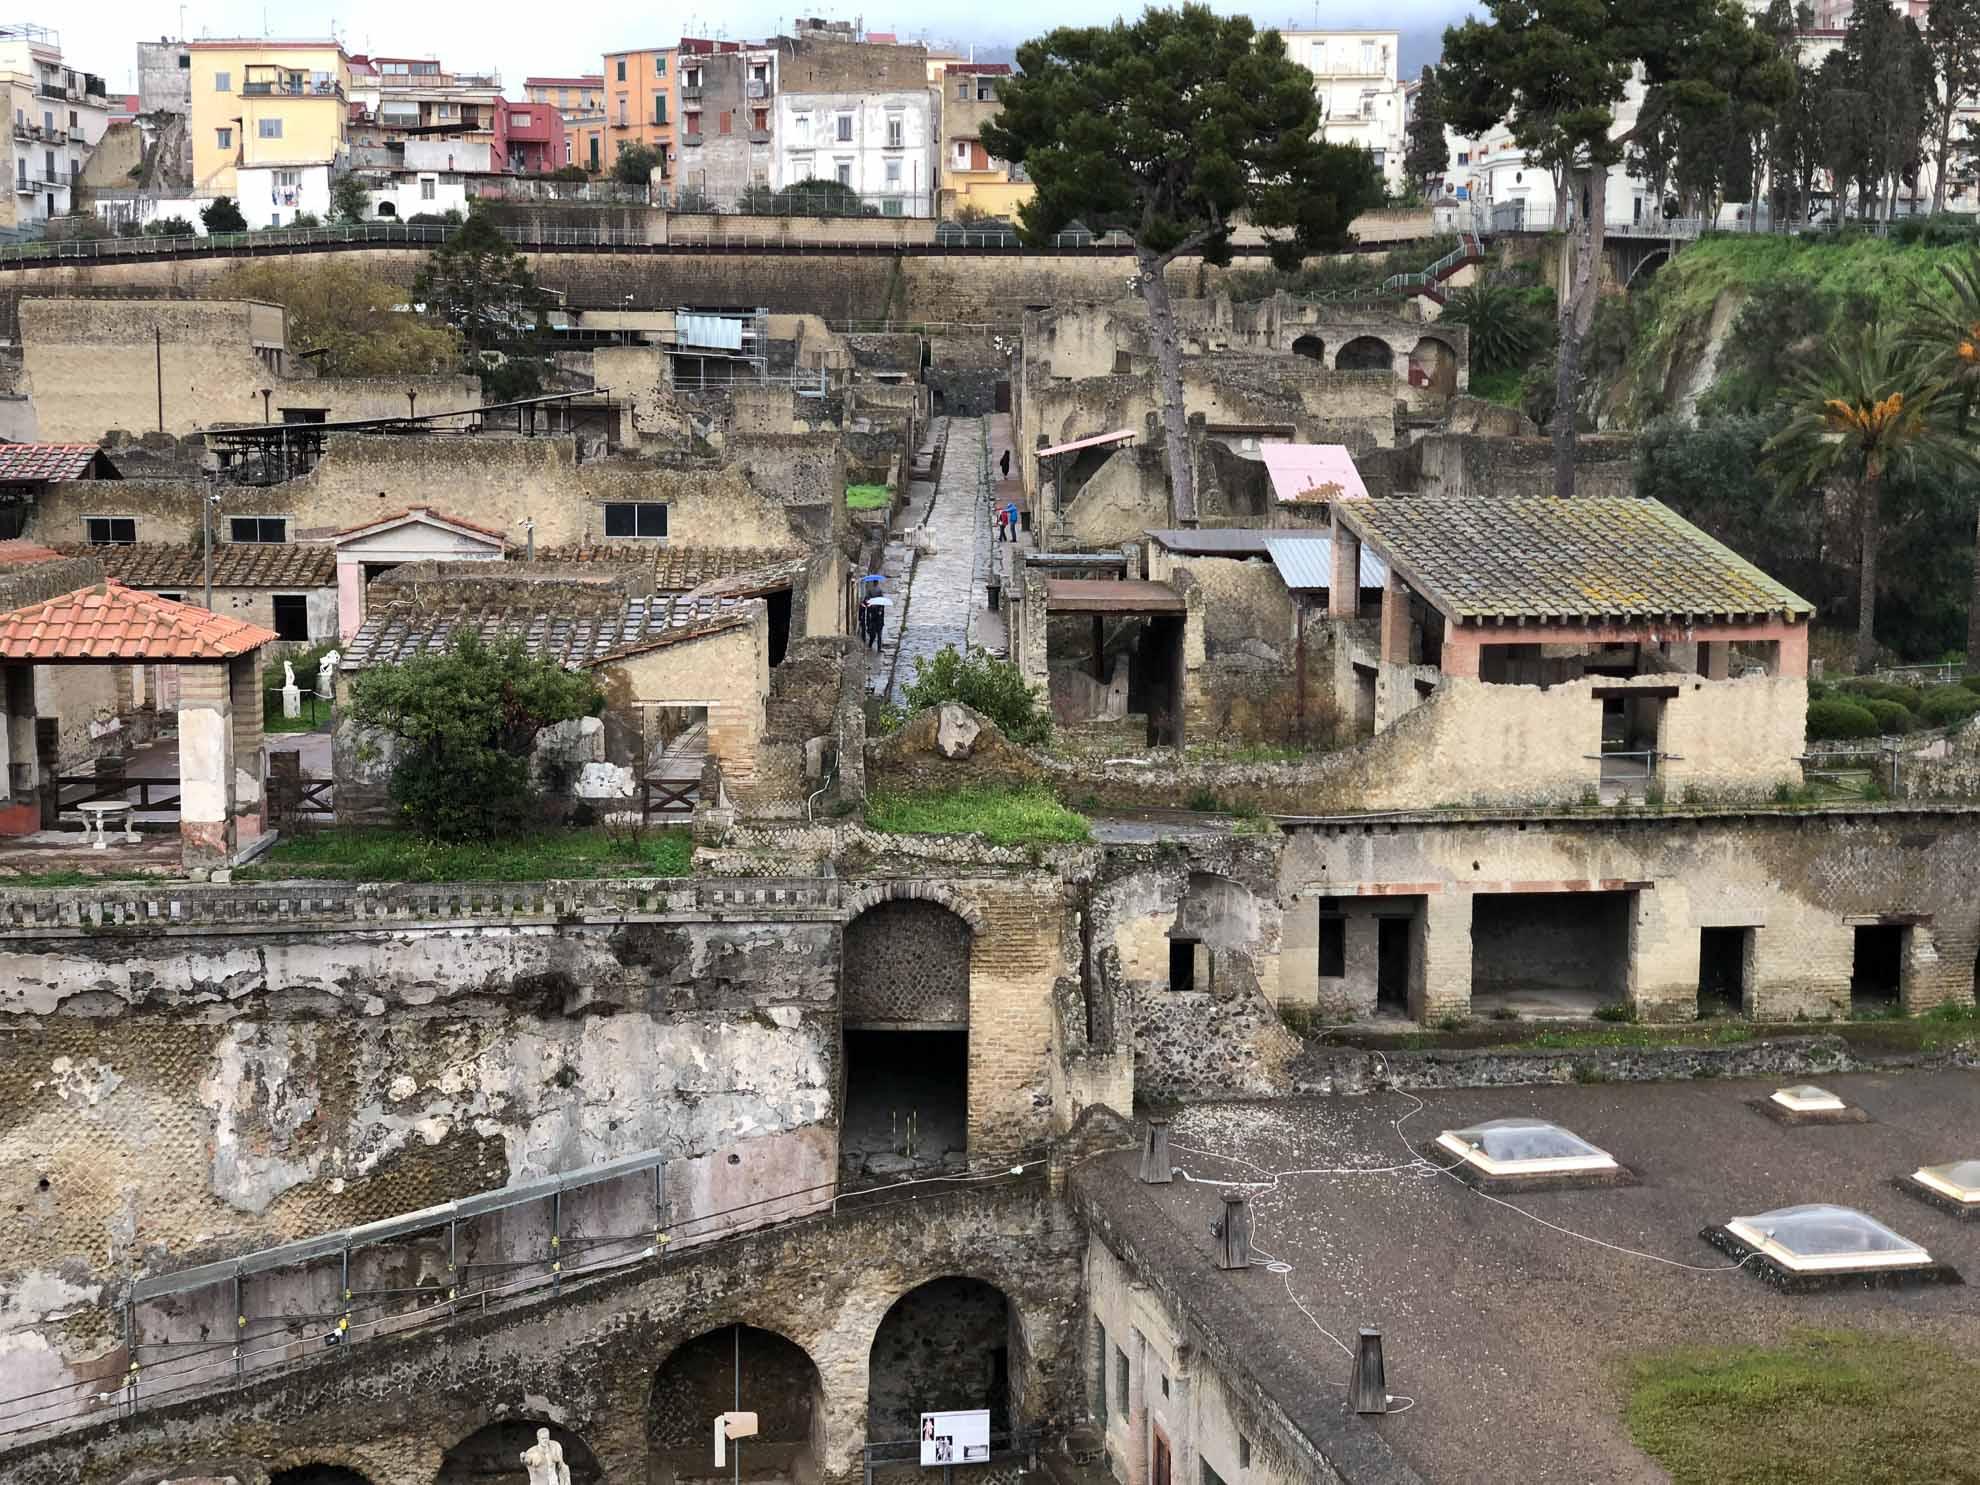 Wenige Kilometer nördlich liegt die Ausgrabungsstätte des einstigen Herculaneum.